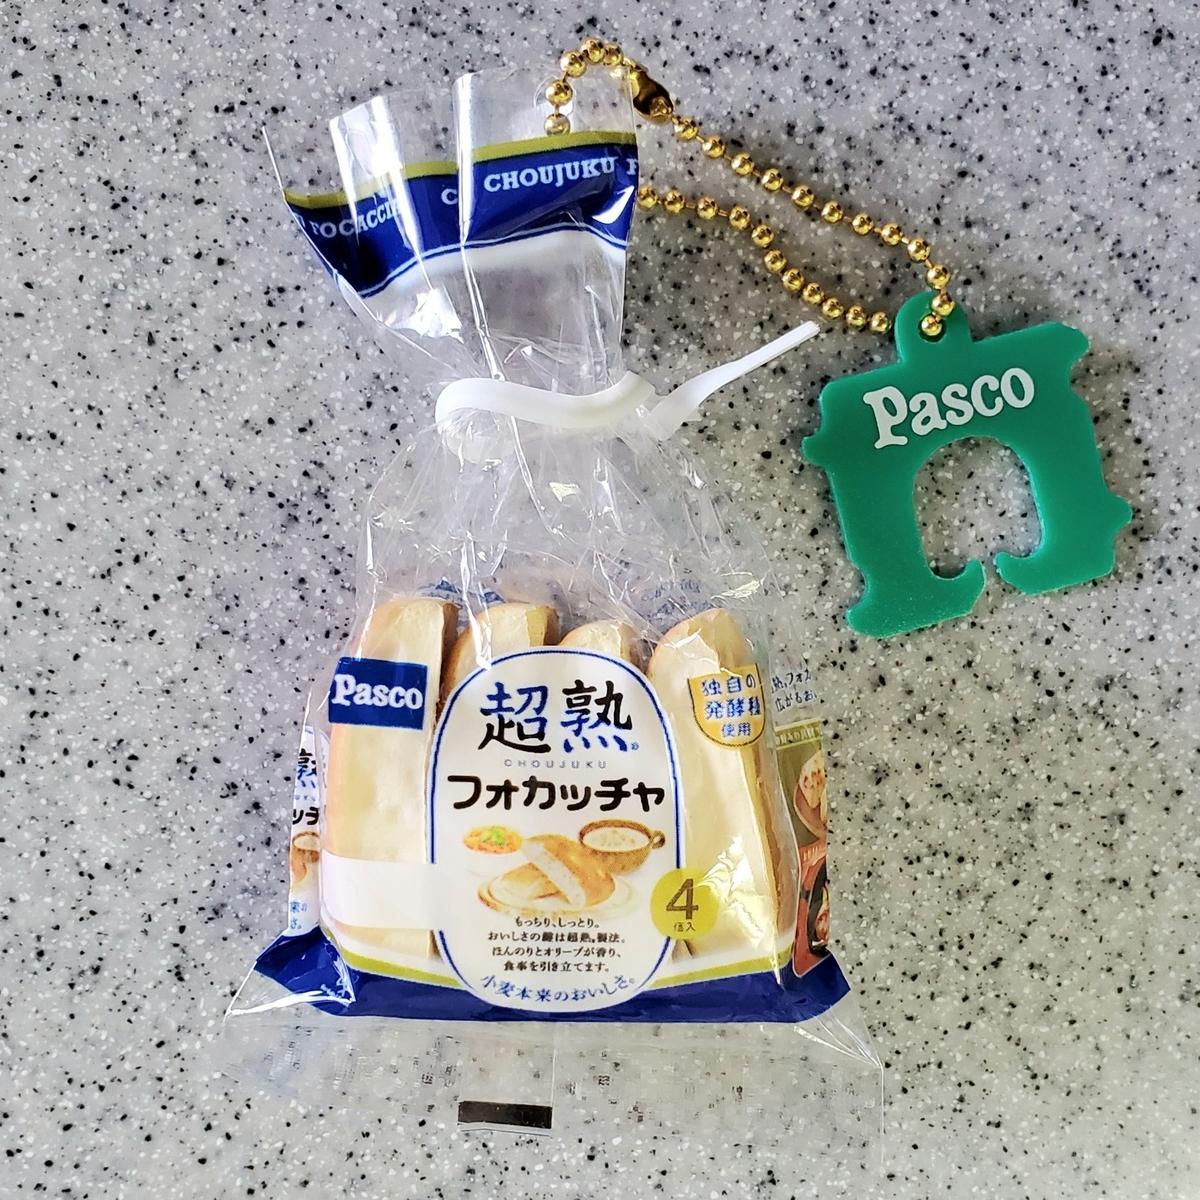 2020 パン 祭り パスコ 春の